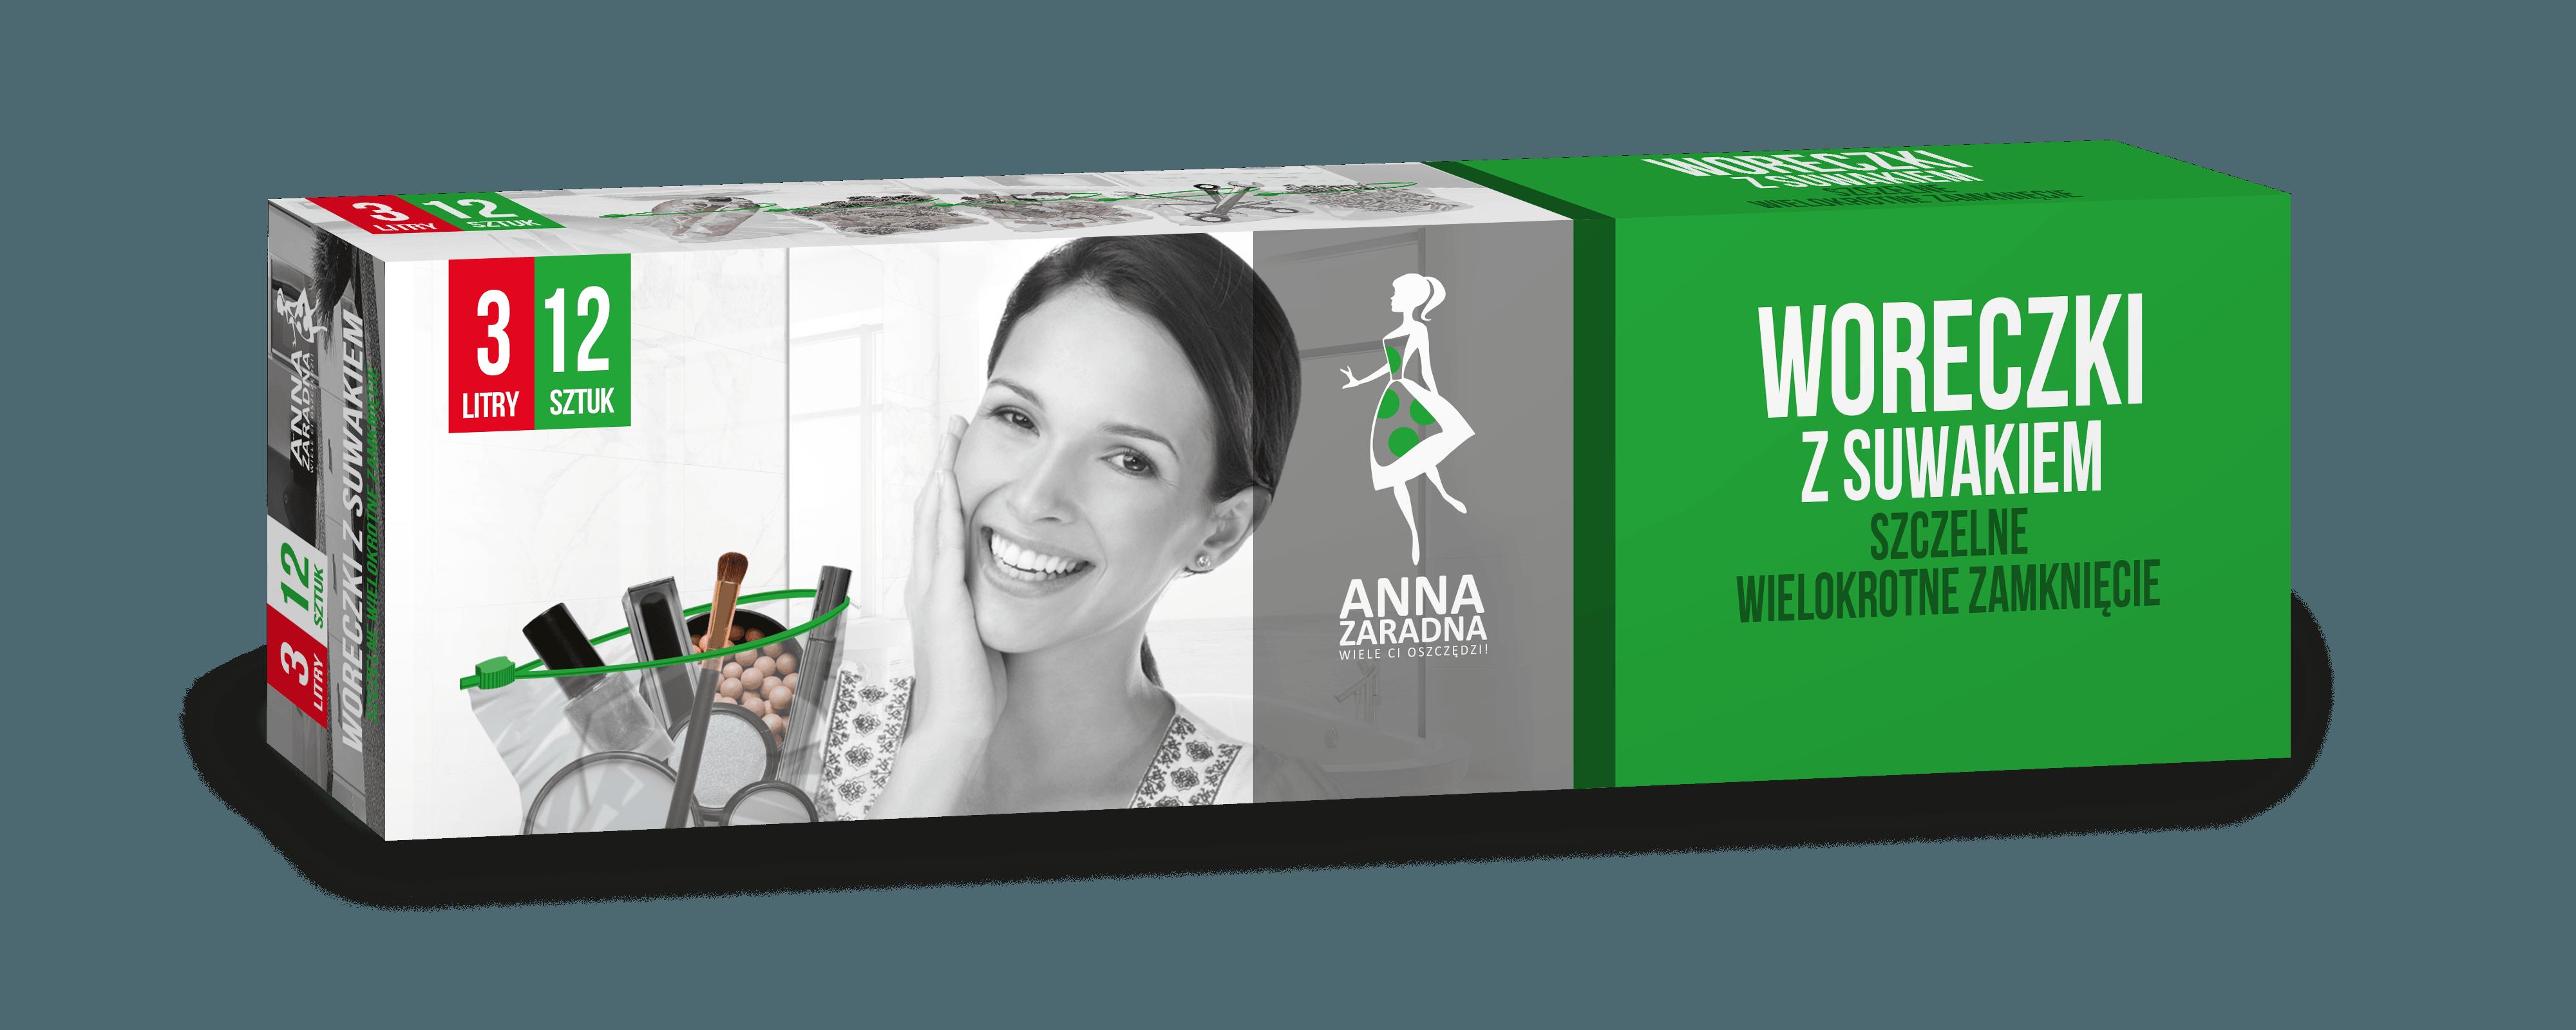 Woreczki z suwakiem 3L 12szt box Anna Zaradna